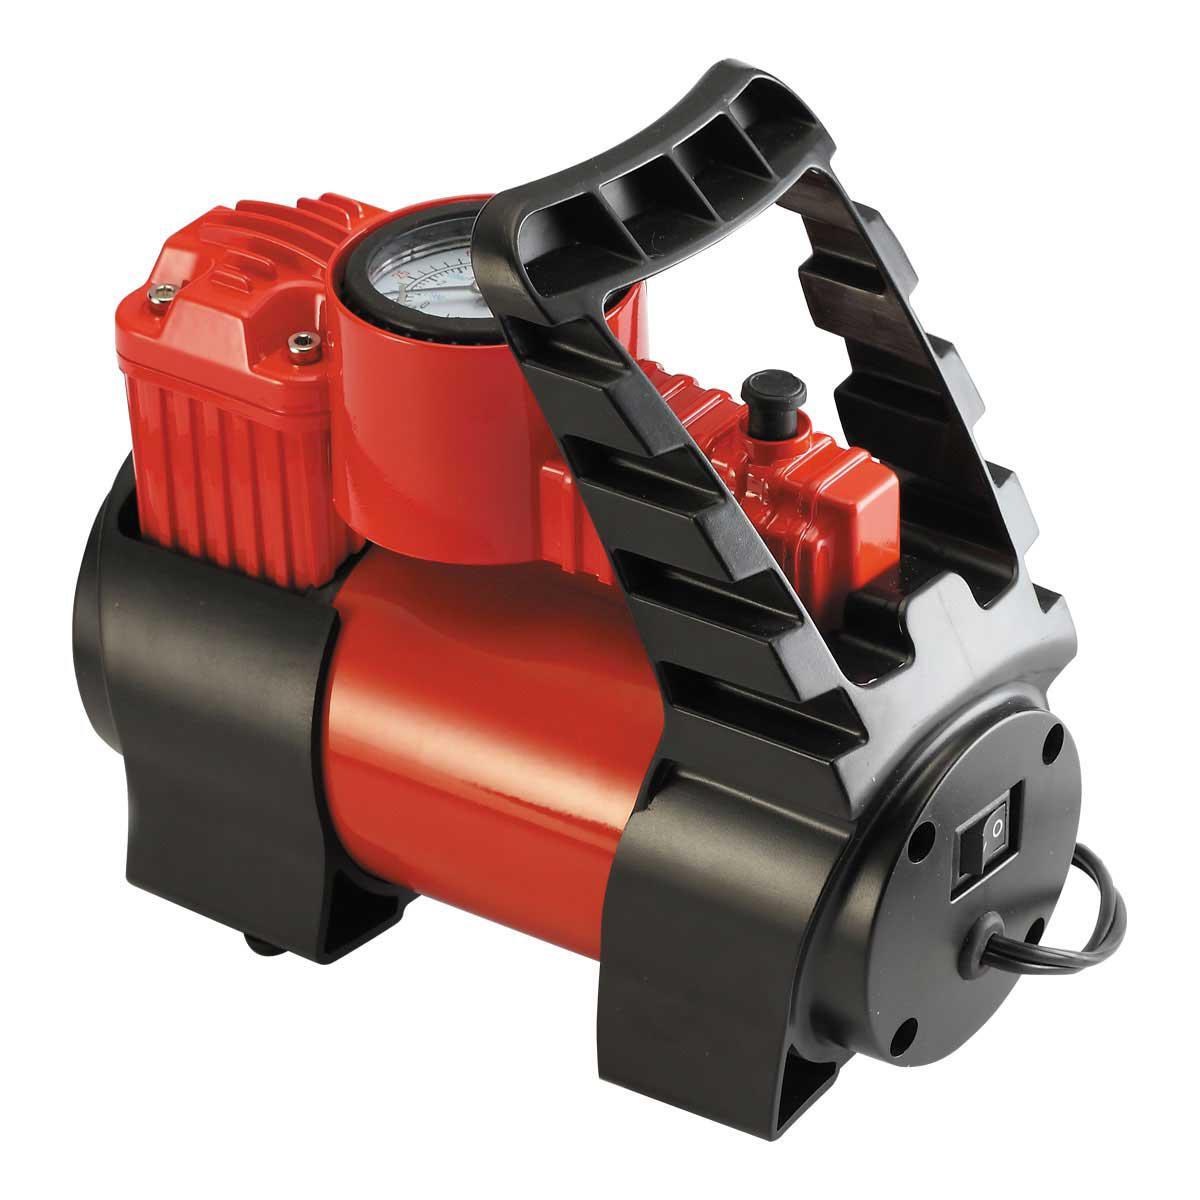 Автомобильный компрессор Zipower Pm6506